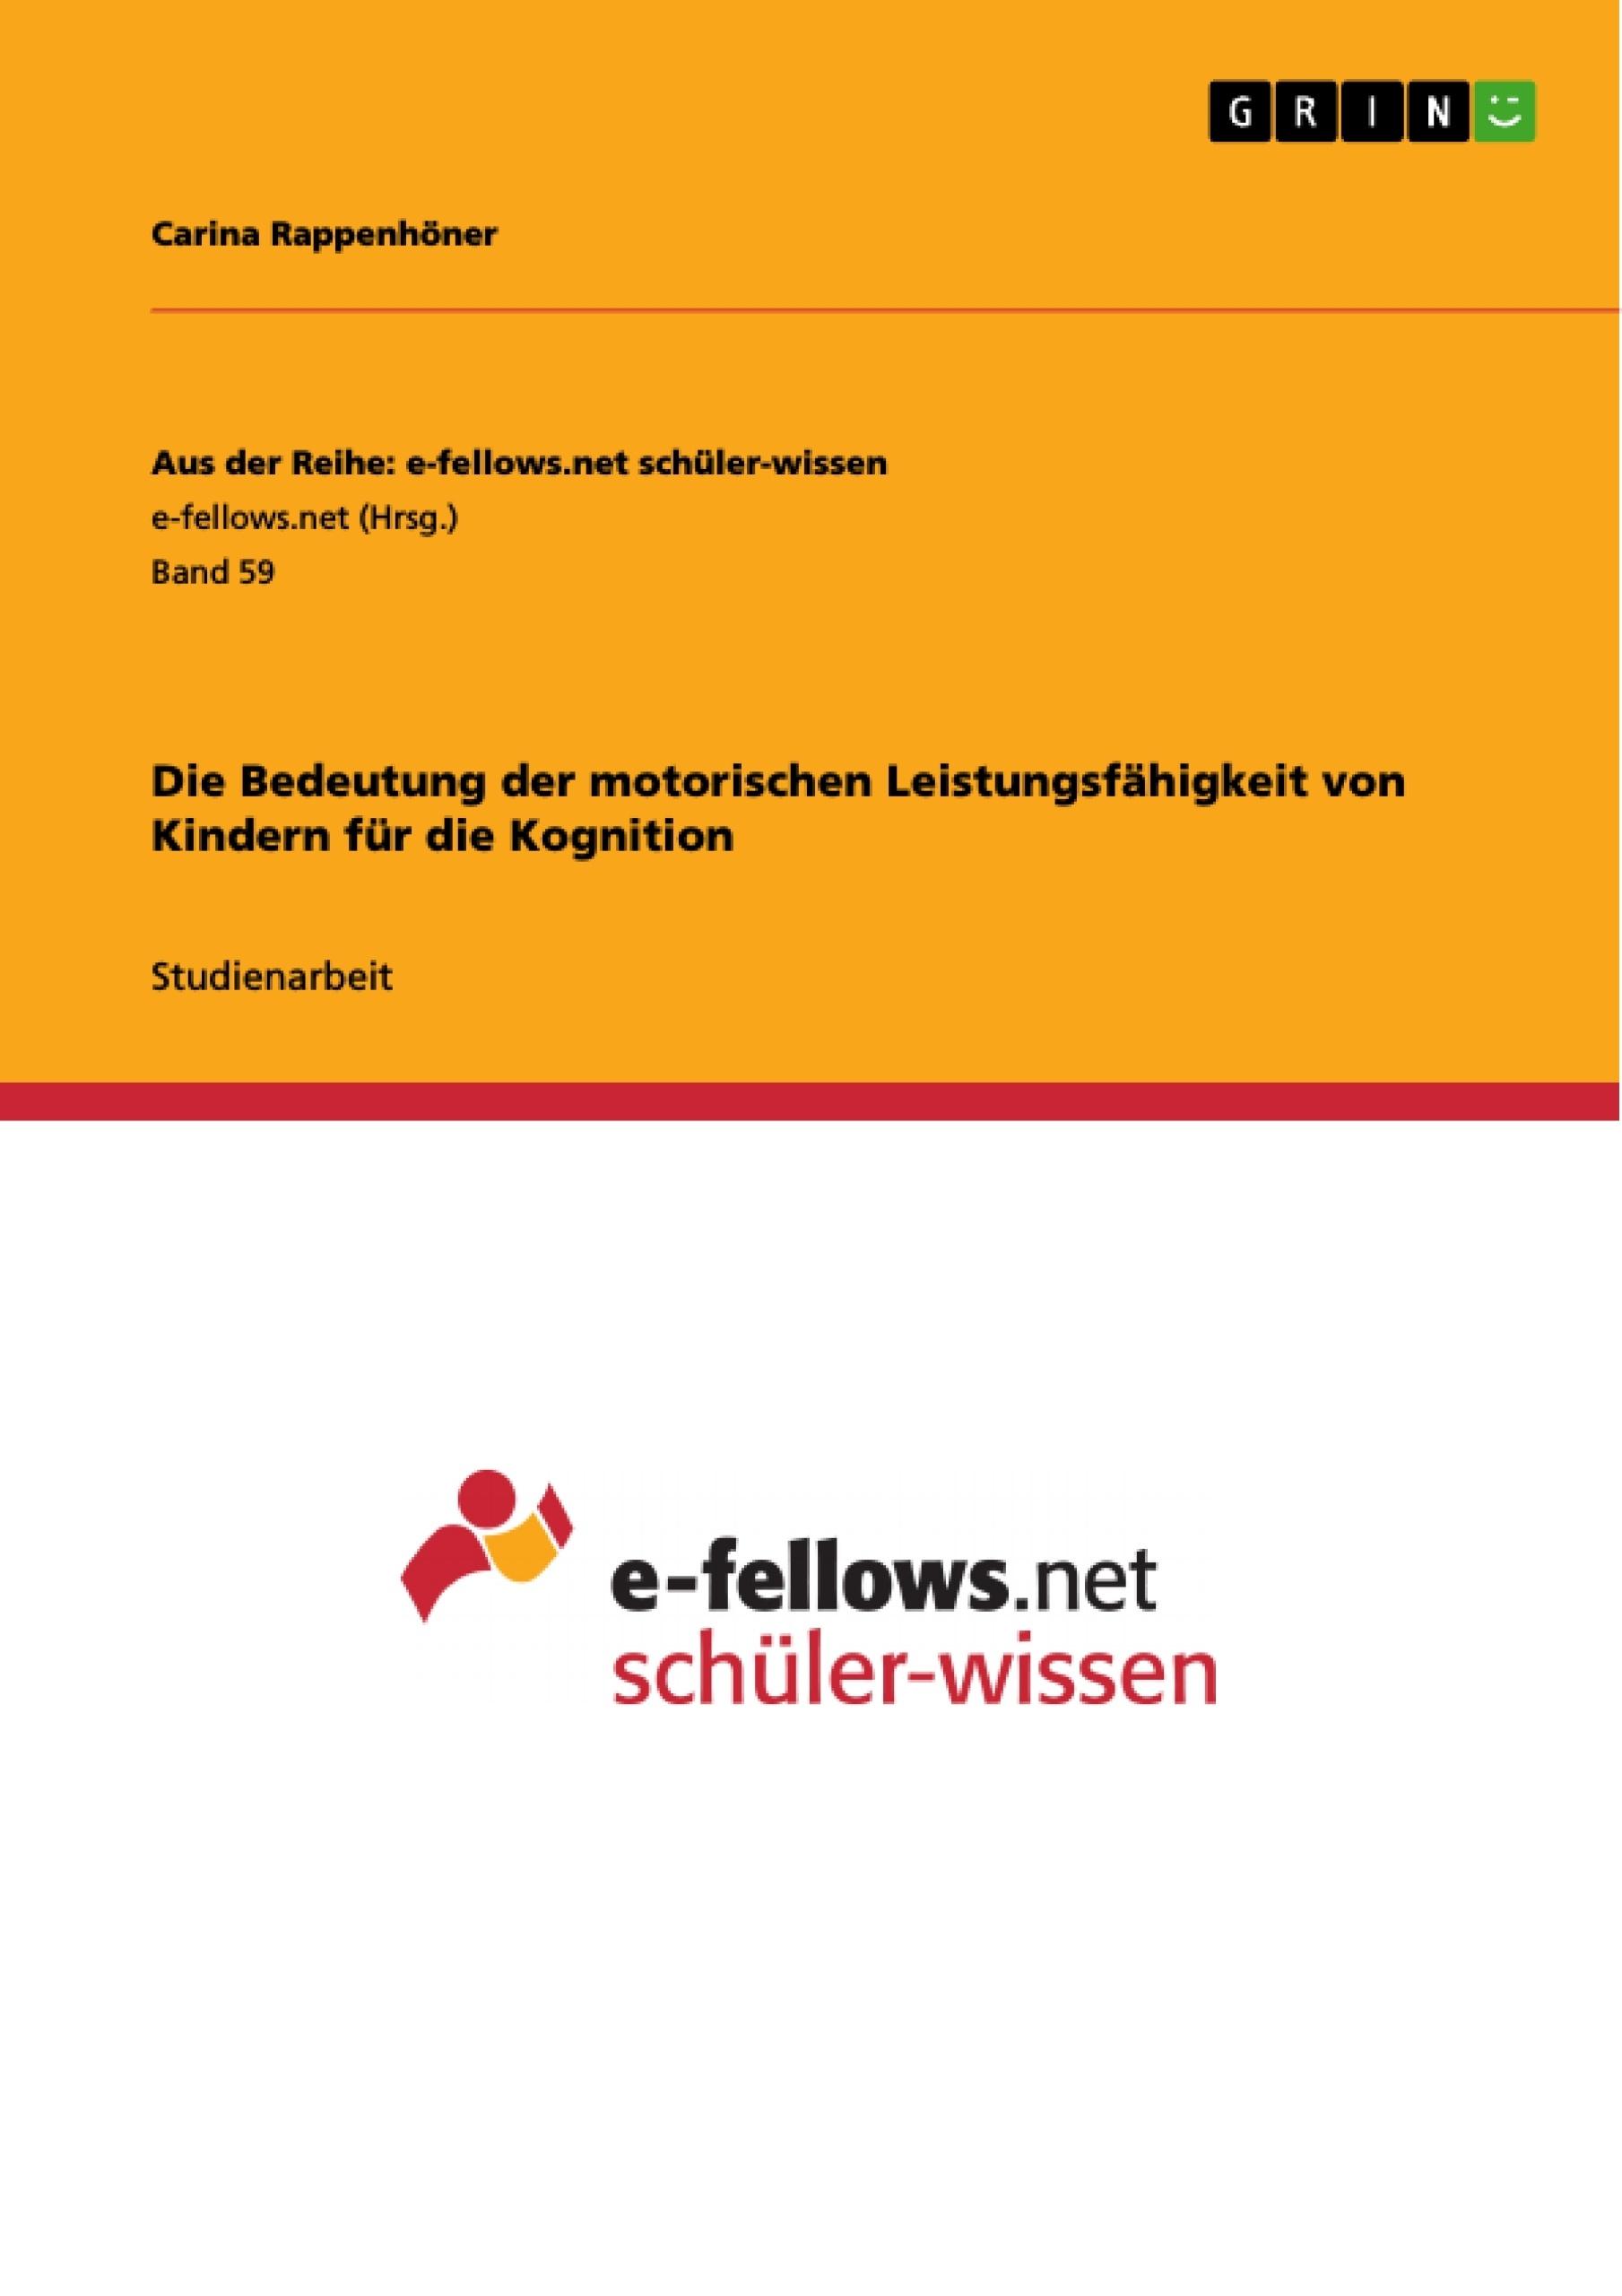 Titel: Die Bedeutung der motorischen Leistungsfähigkeit von Kindern für die Kognition